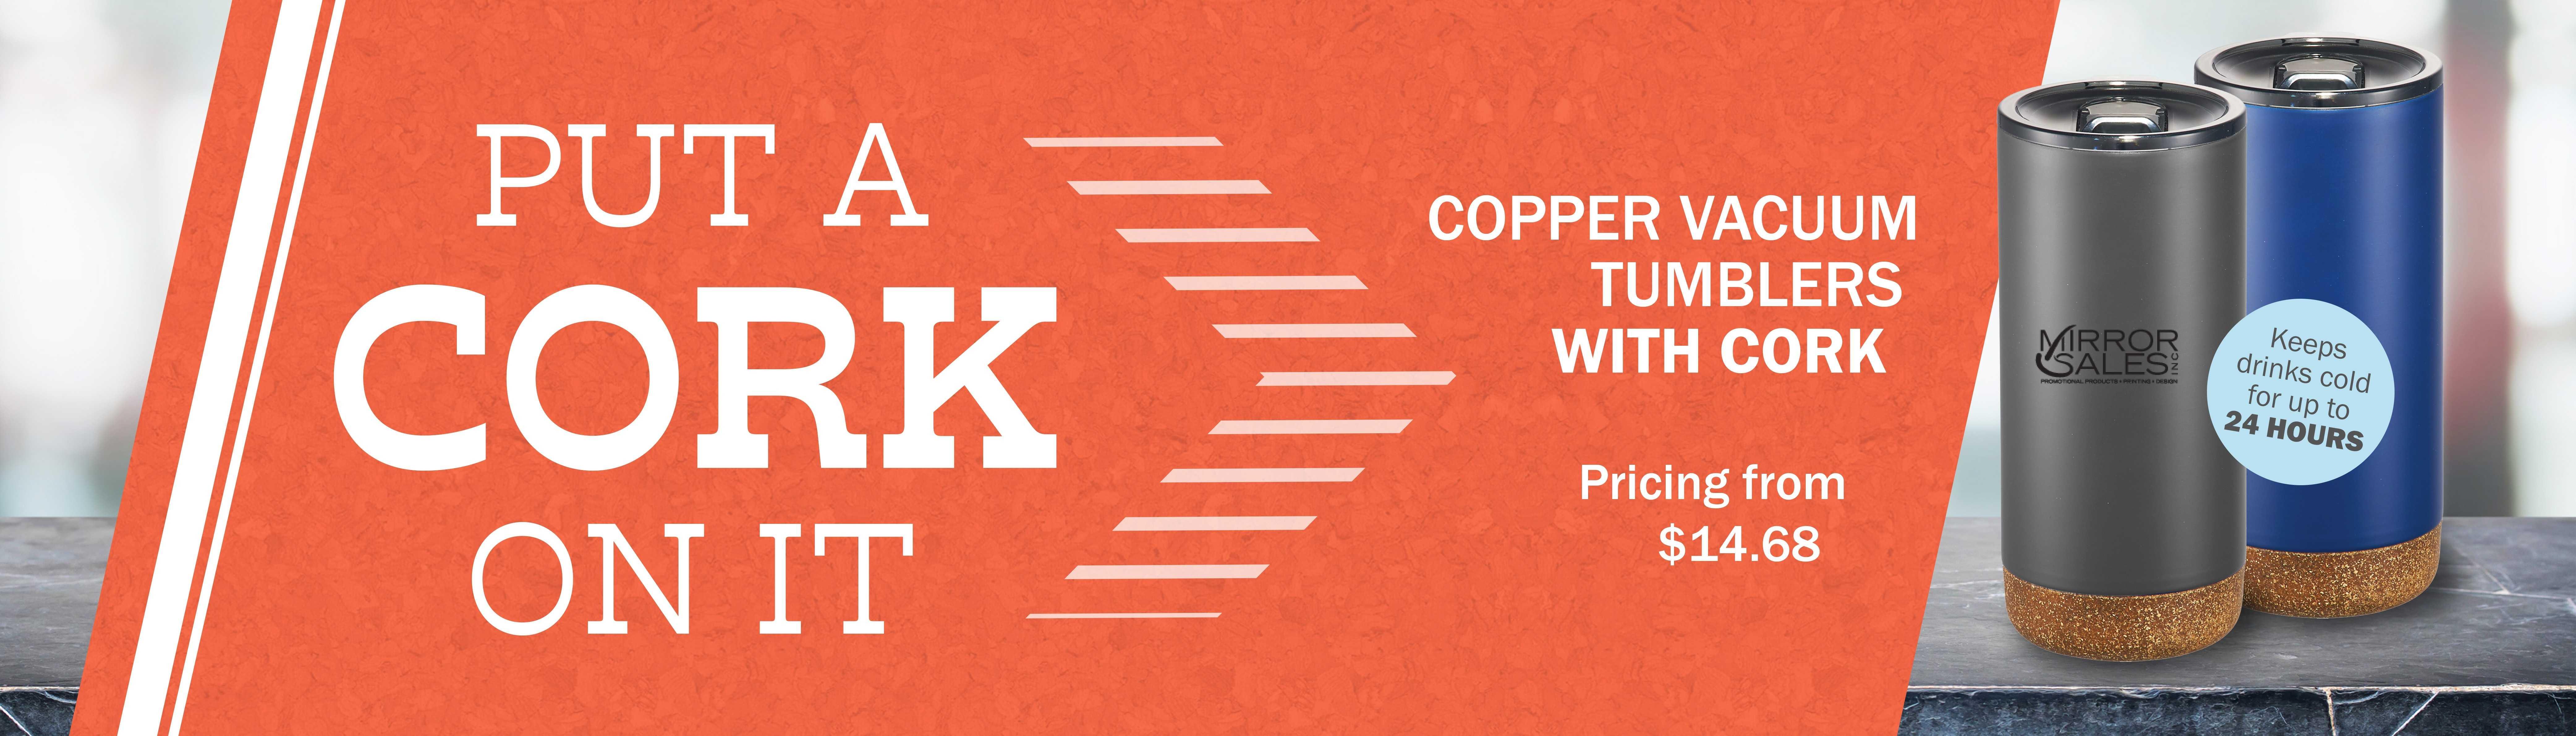 AIM Copper Tumbler